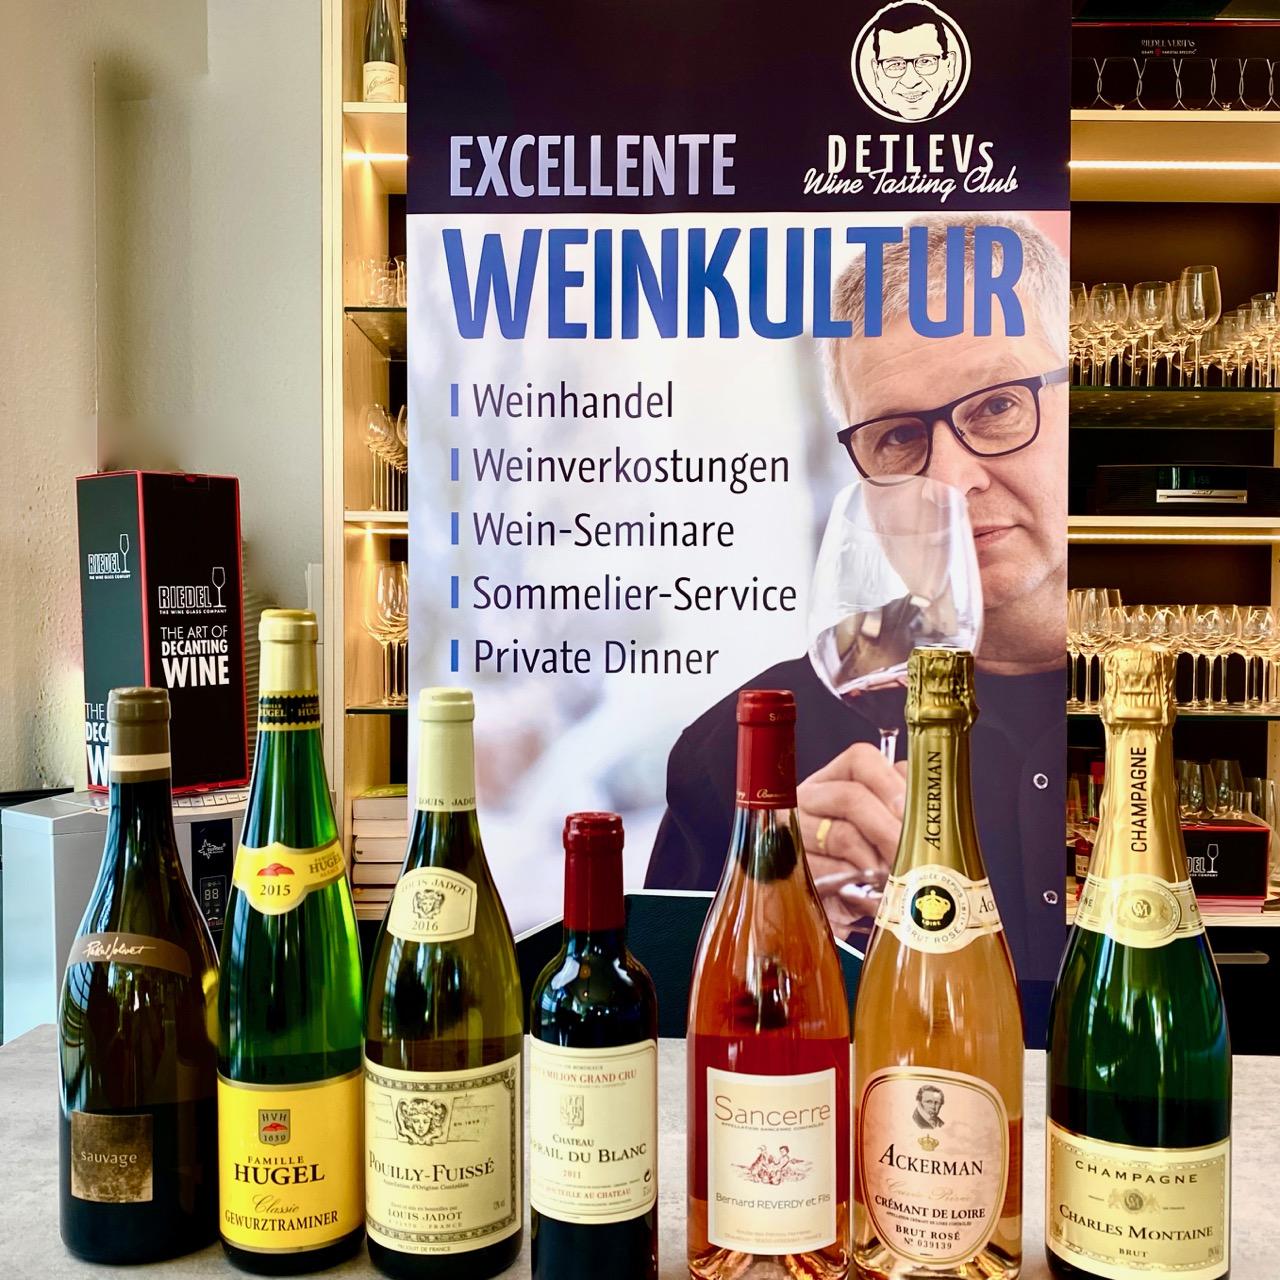 VIVE LA FRANCE: WineTastingClub Geniesser-Paket No. 5 mit TOP Weinen aus FRANKREICH + 1 GRAND CRU als Geschenk.